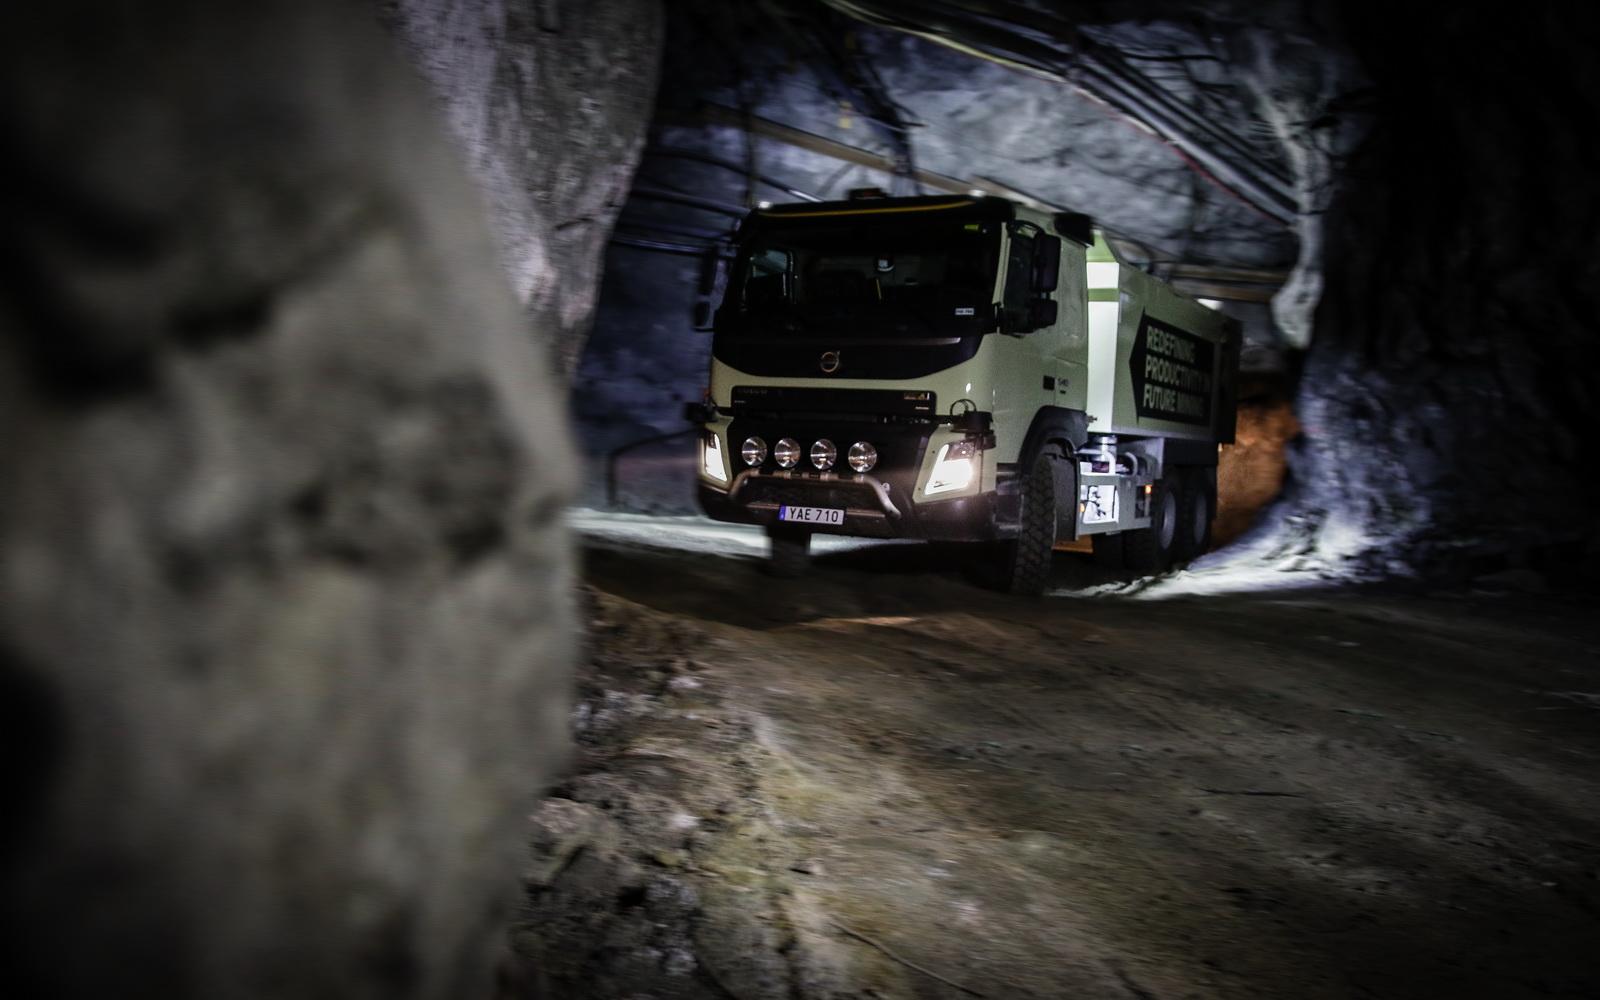 Δοκιμές σε ορυχείο για τη Volvo Trucks! (pics)